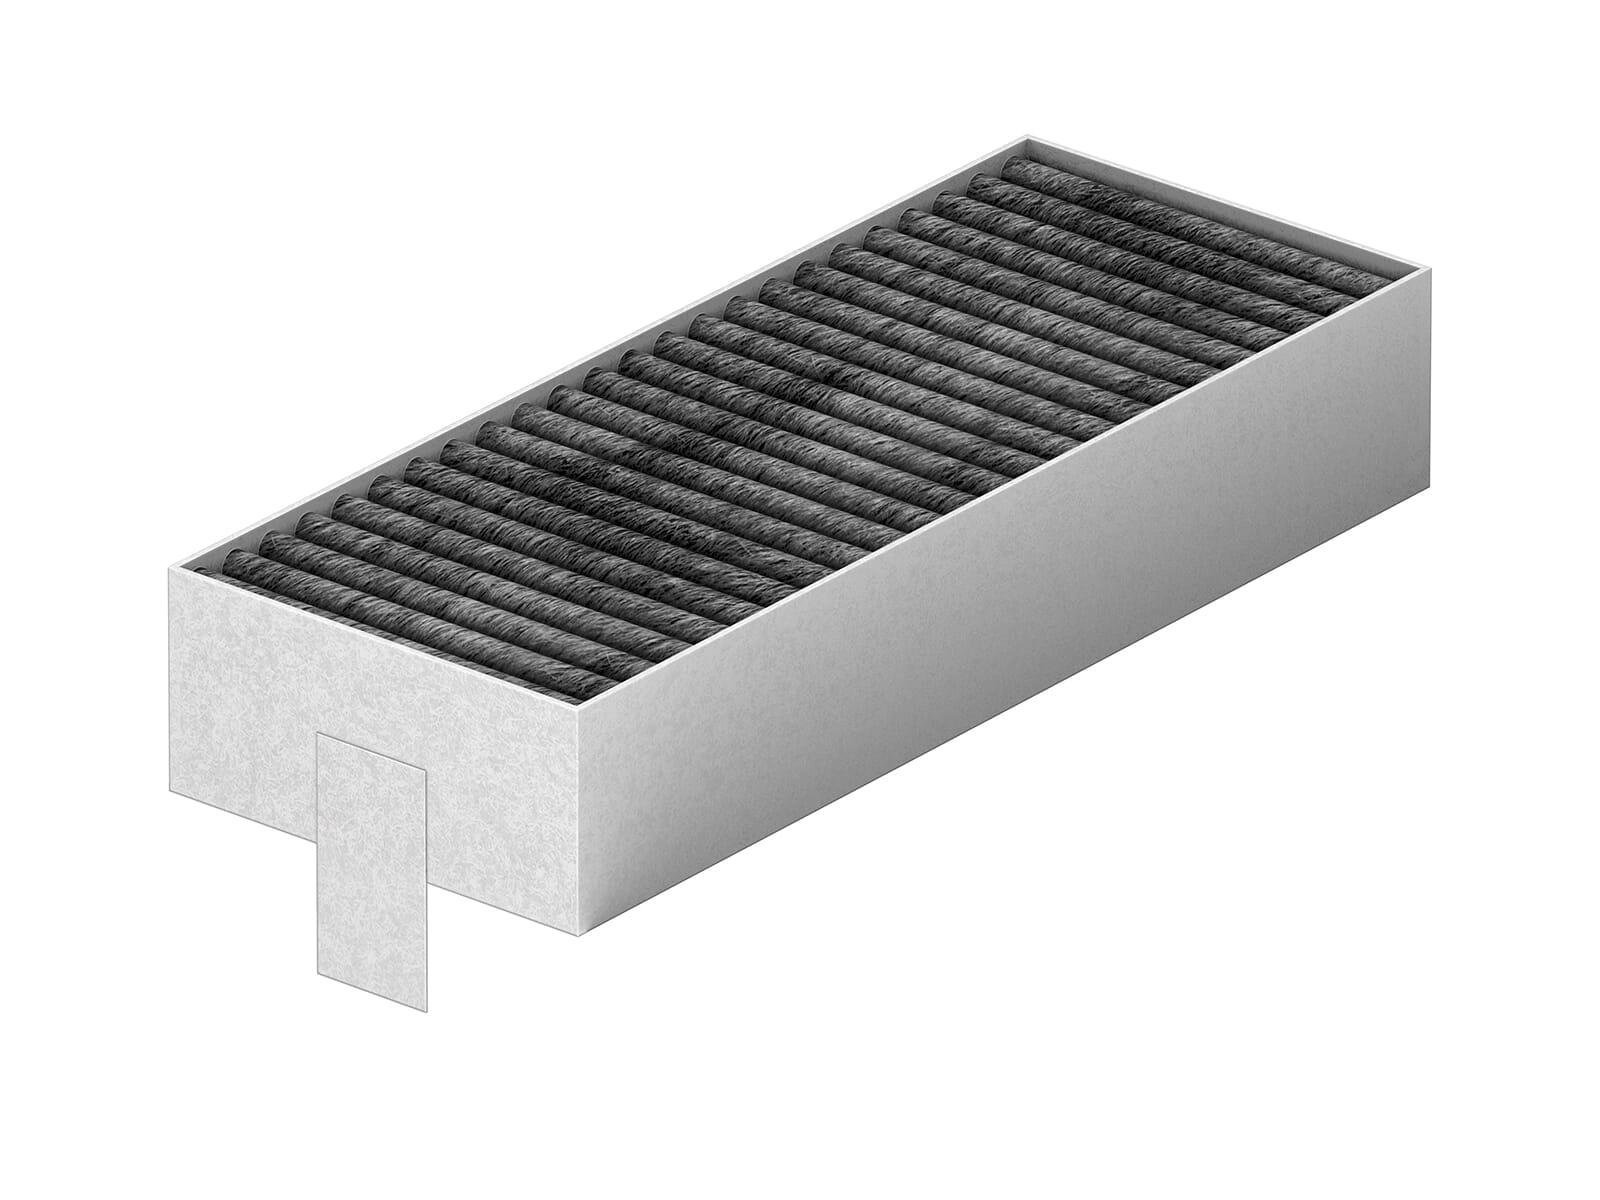 Bosch HEZ9VRCR0 cleanAir Umluft-Ersatzfilter - 4 Stück